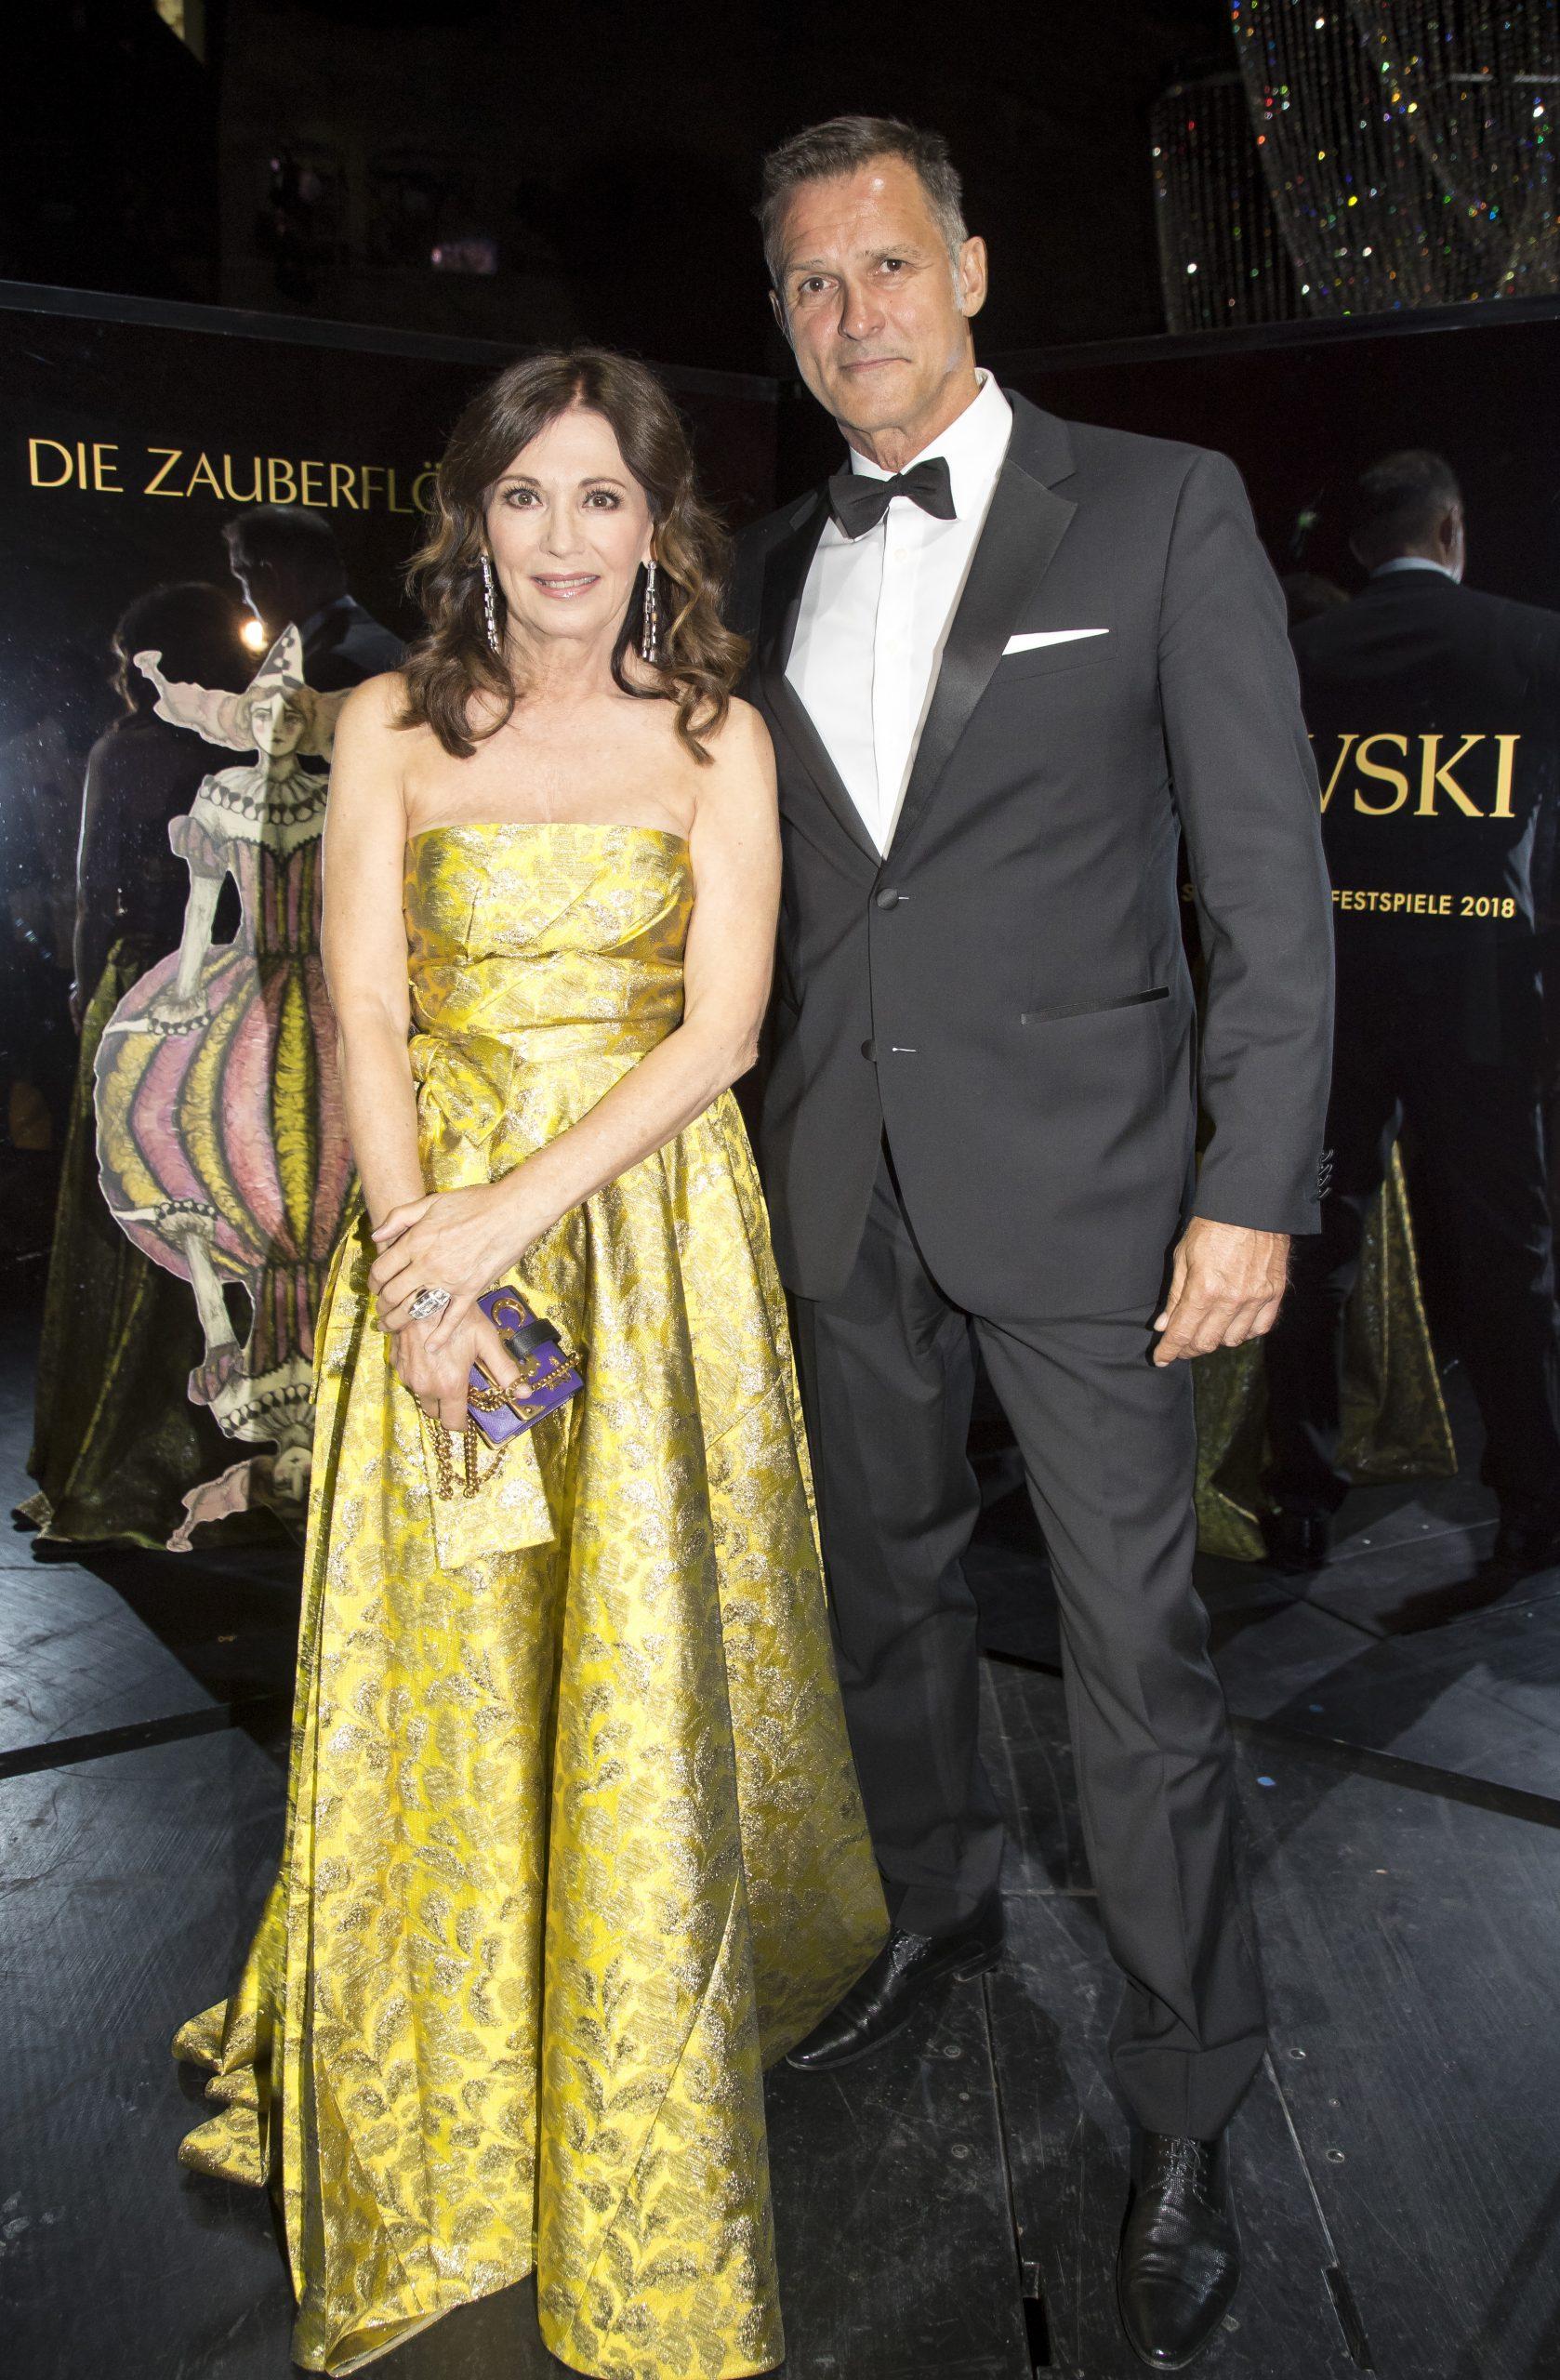 20 Luxurius Abendkleider Salzburg Bester Preis13 Schön Abendkleider Salzburg Boutique